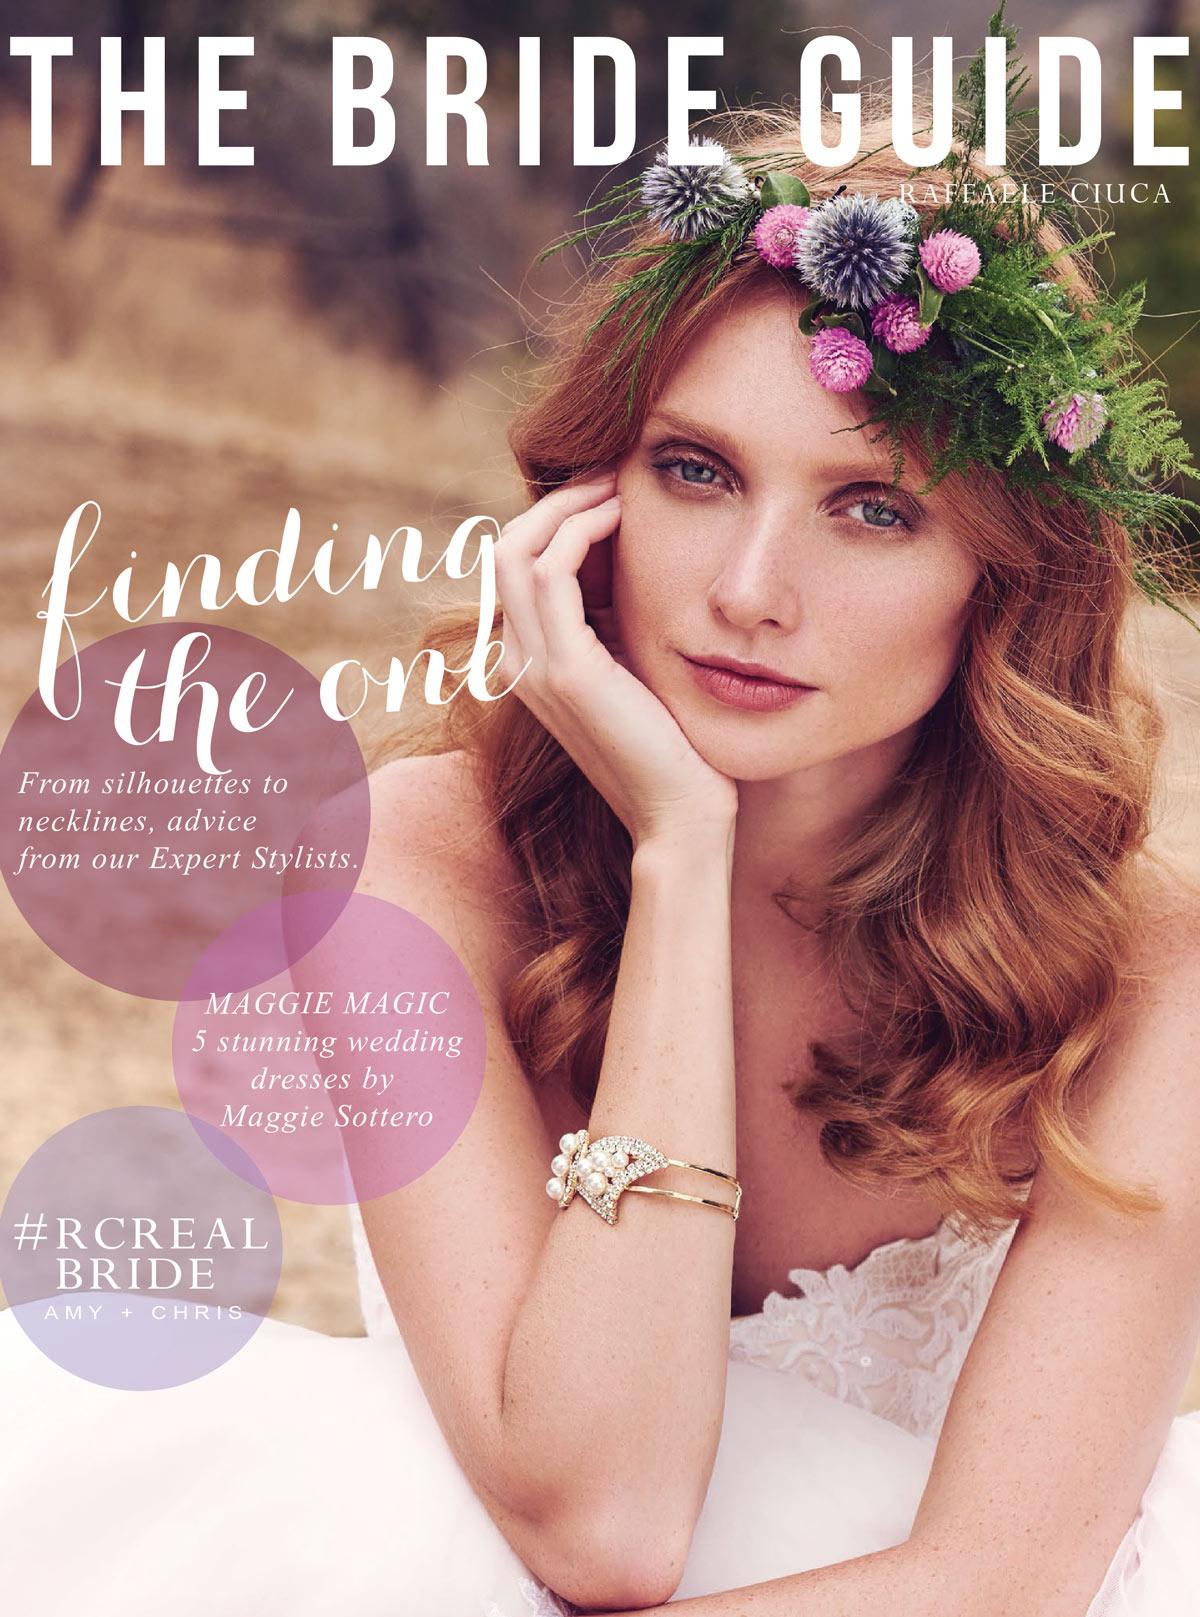 Bride guide wedding tips